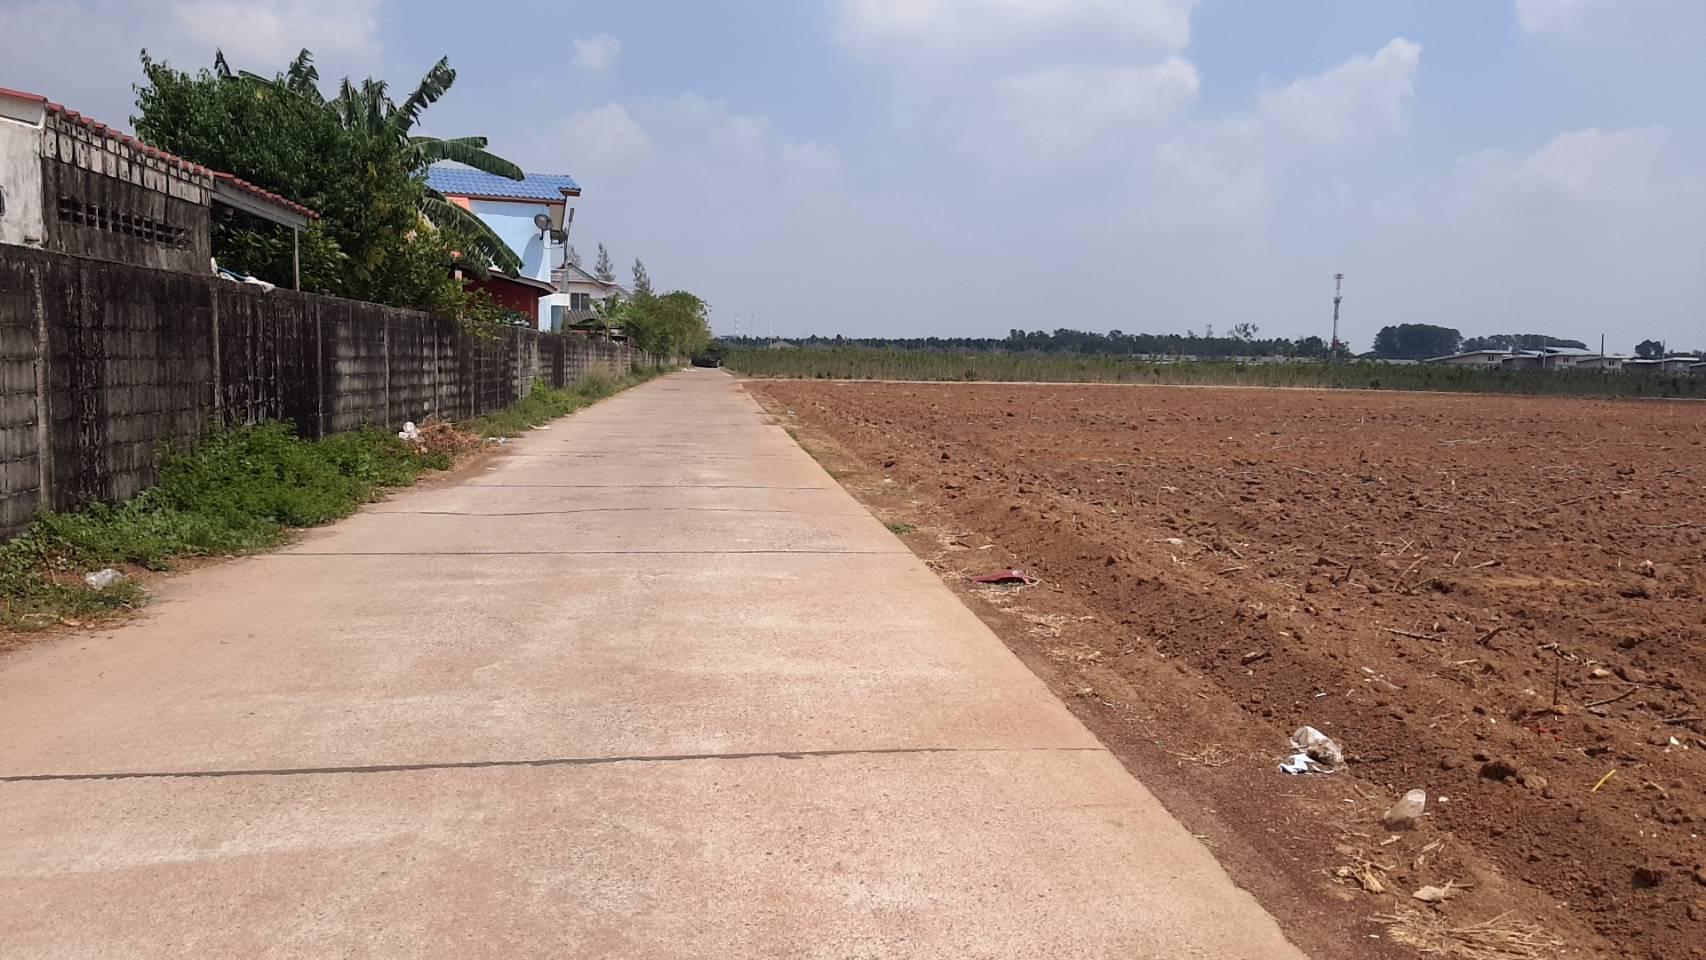 ขายที่ดินศรีมหาโพธิ์ 26.5 ไร่ เหมาะทำหมู่บ้าน ใกล้นิคมอุตสาหกรรม 304 – 3 กม. จ.ปราจีนบุรี